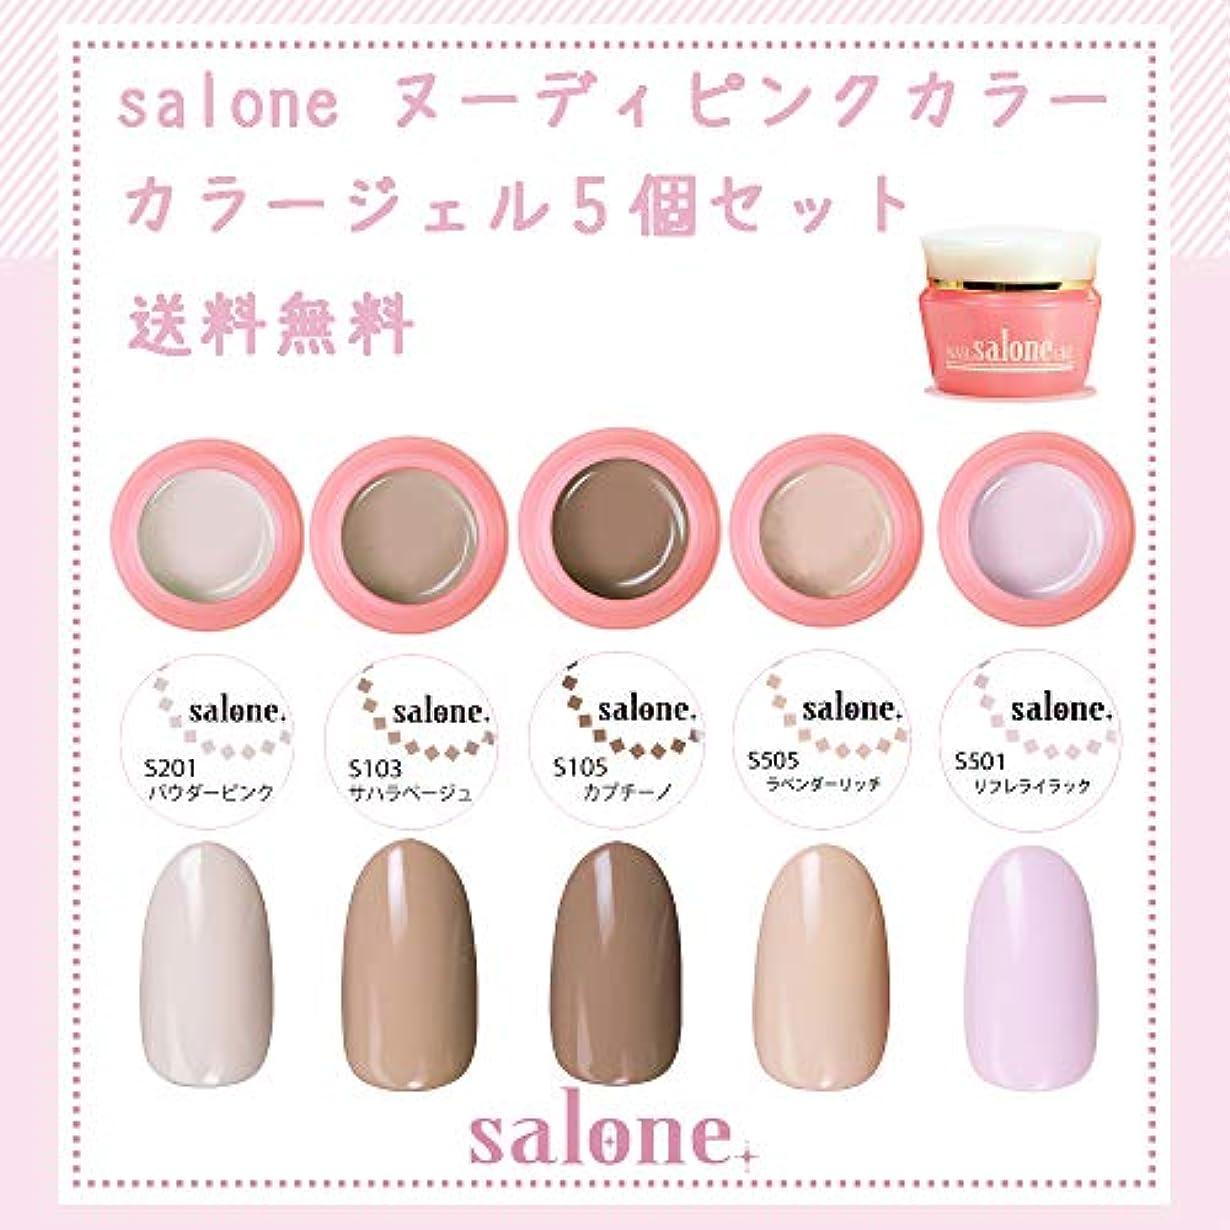 フォージ数値ピア【送料無料 日本製】Salone ヌーディピンク カラージェル5個セット サロンで人気のピンクベースの肌馴染みの良い上品なヌーディカラー